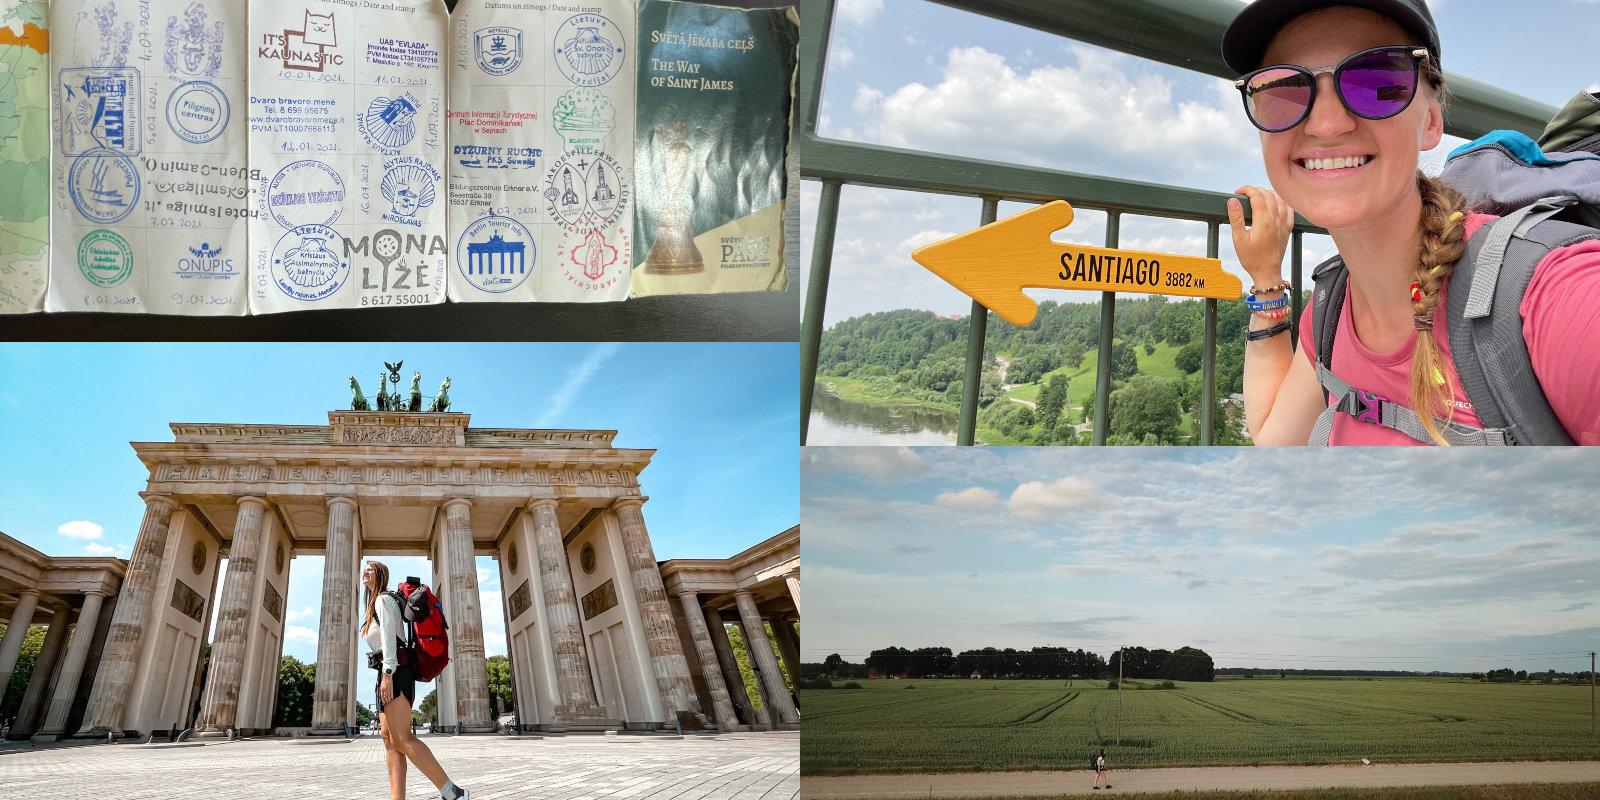 Идти, пока есть силы. Как Агнесе прошла по пути Сантьяго от Валки до Берлина